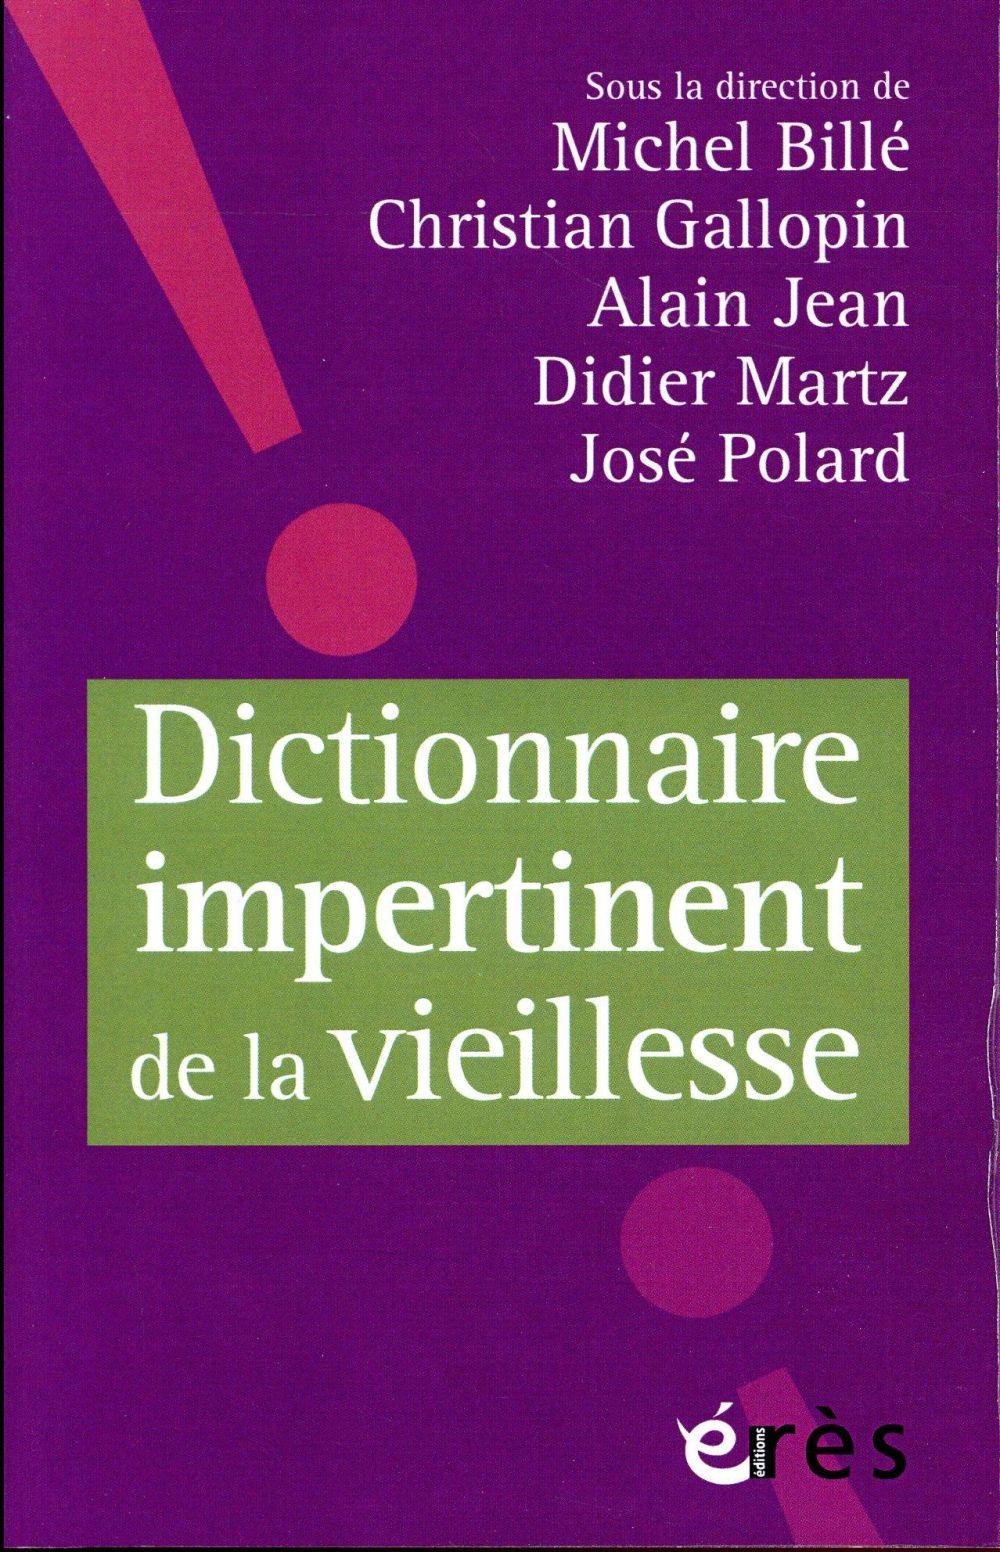 Dictionnaire impertinent de la vieillesse